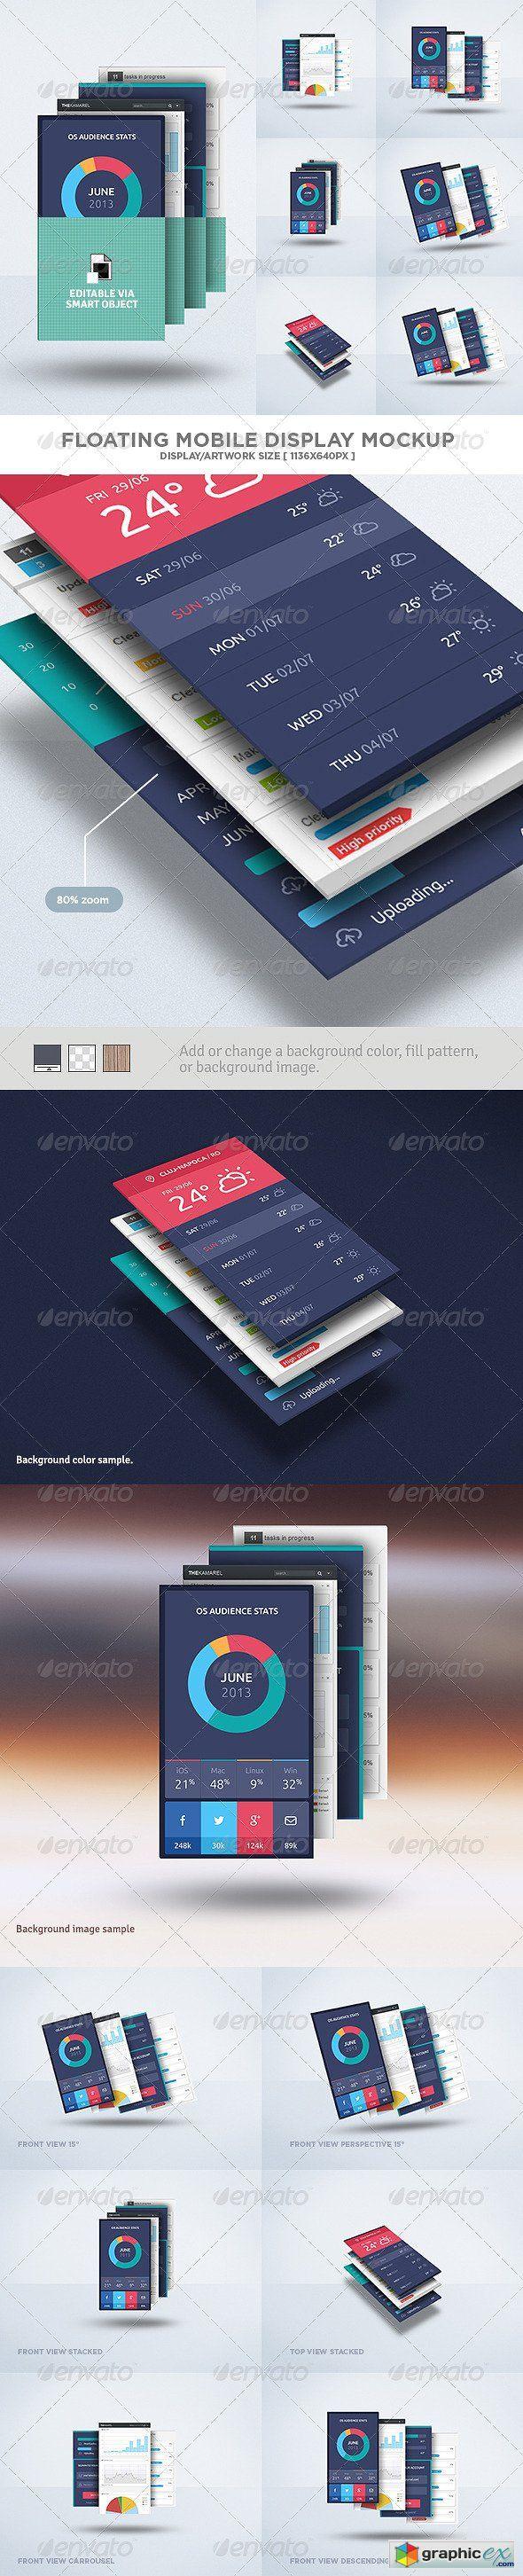 Floating Mobile Display Mock-Up #PSD #Download